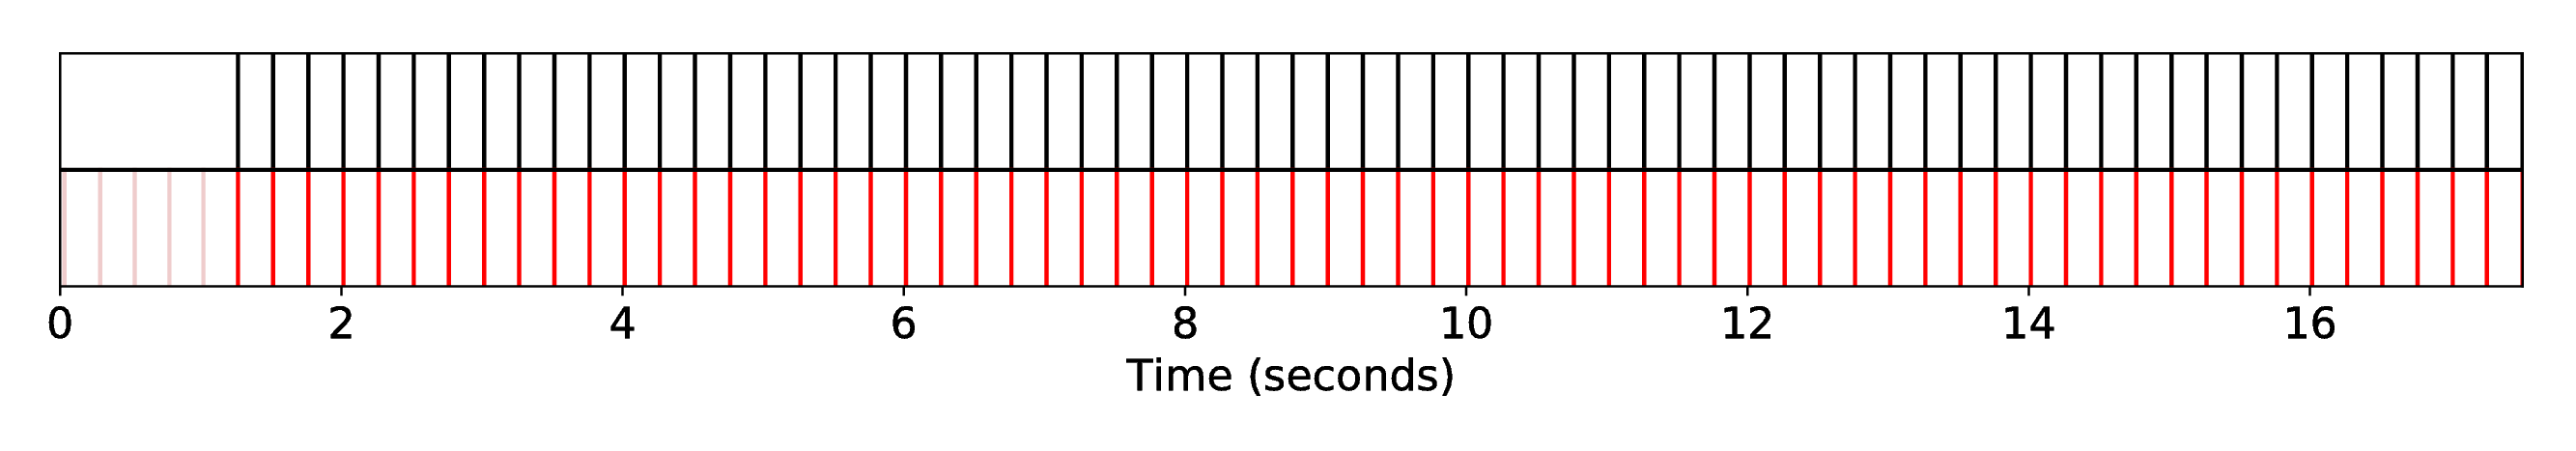 DP1_INT1_R-MRI-20__S-Bach__SequenceAlignment